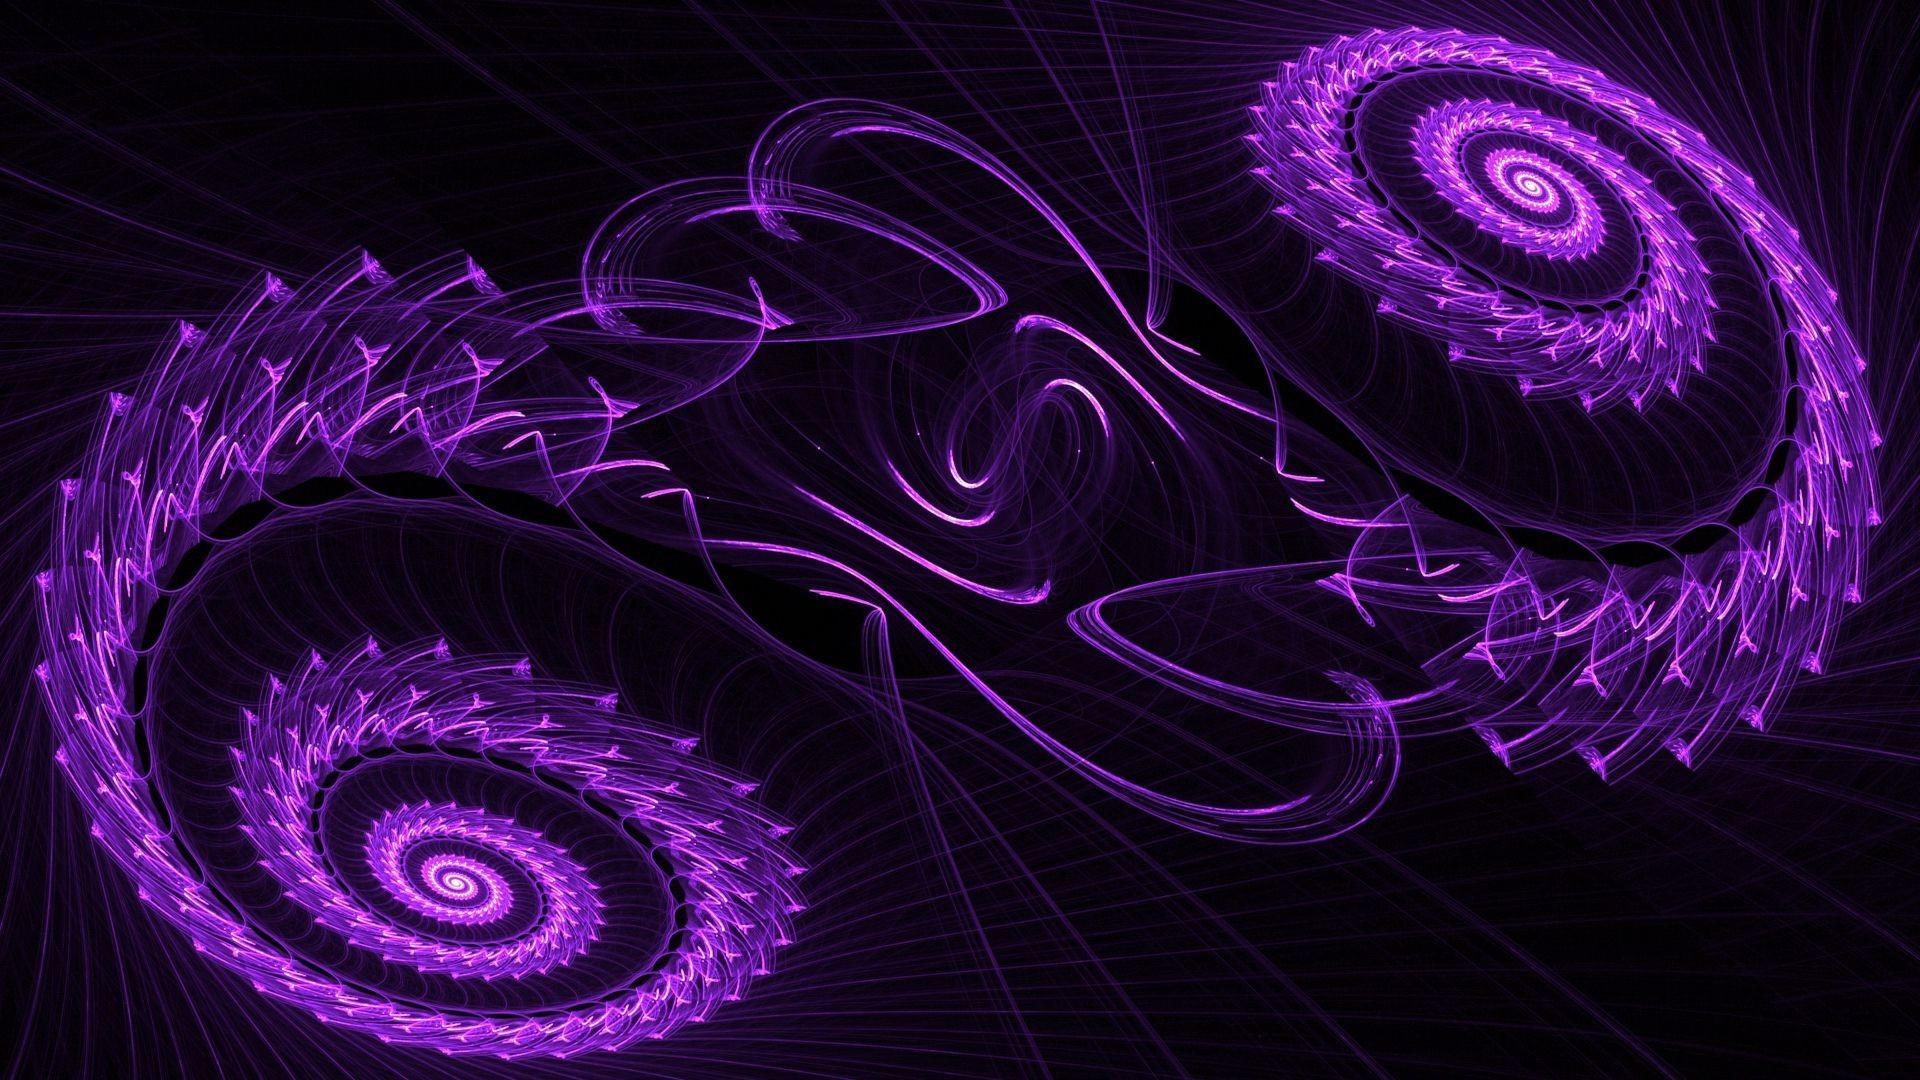 Purple swirls HD Wallpaper 1920×1080